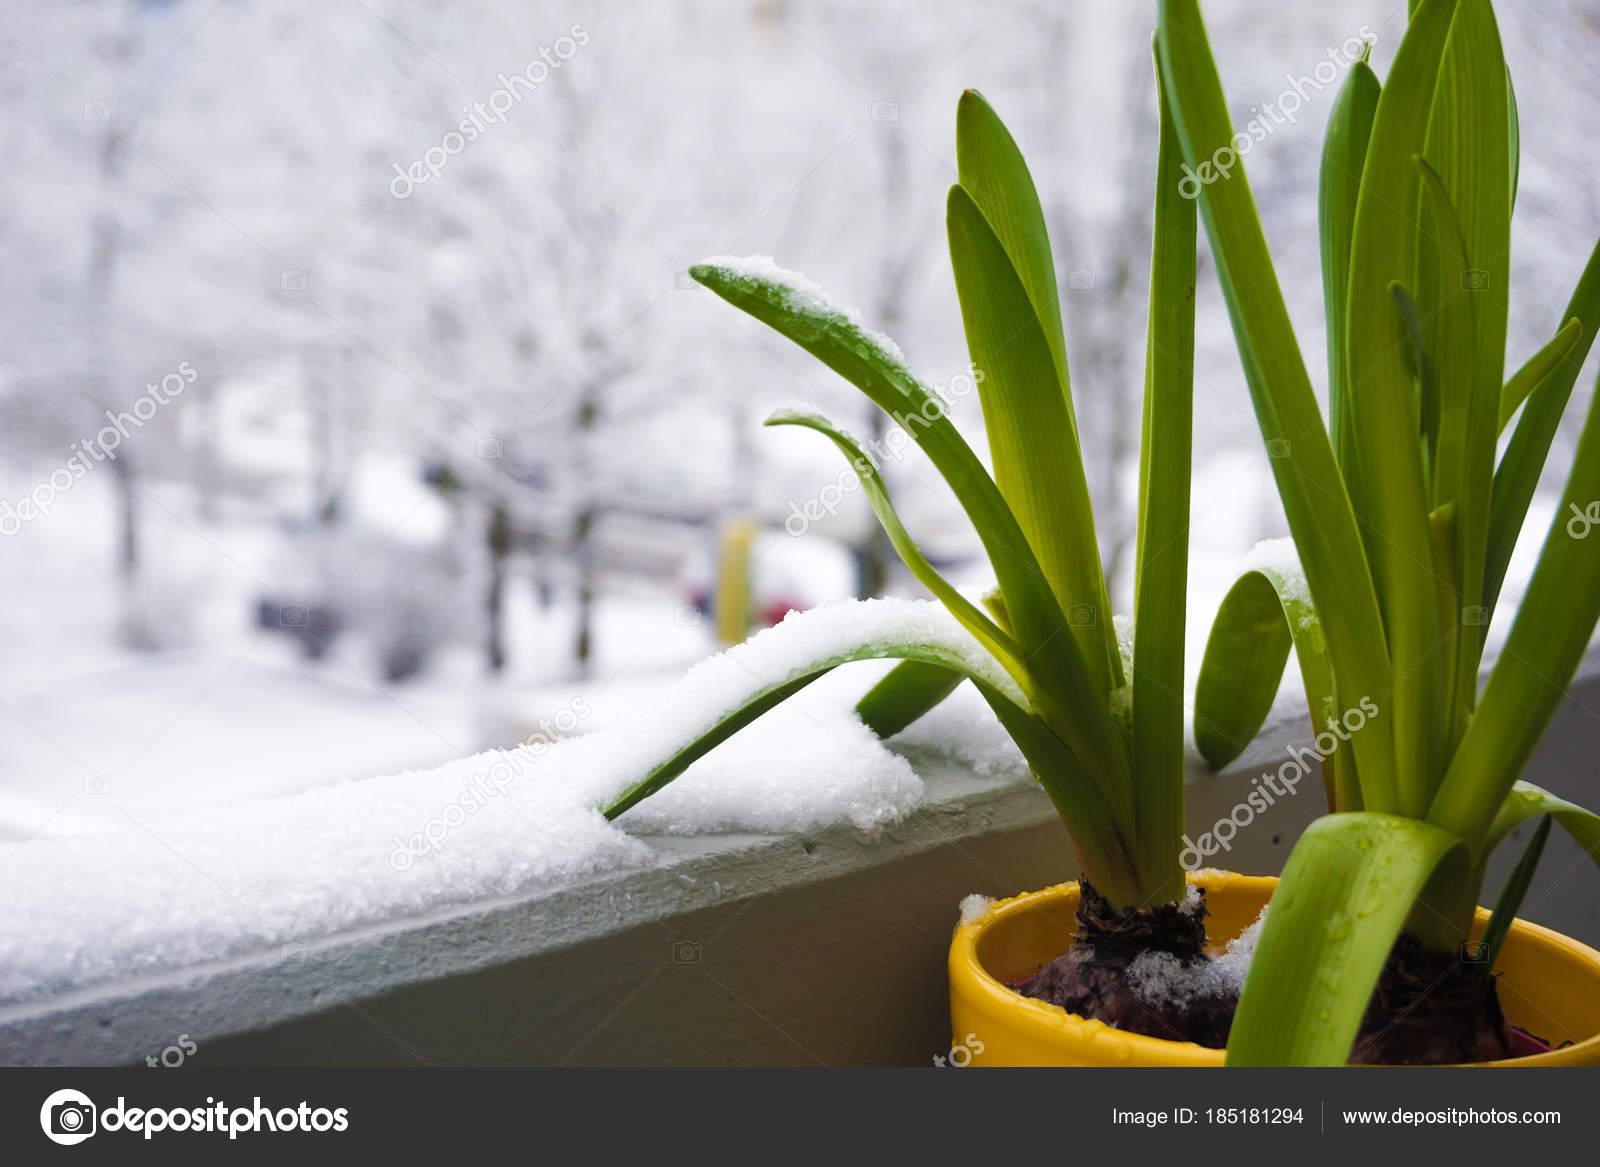 Blumentopf Mit Grunen Blatt Blumen Auf Dem Schnee Balkon Stockfoto